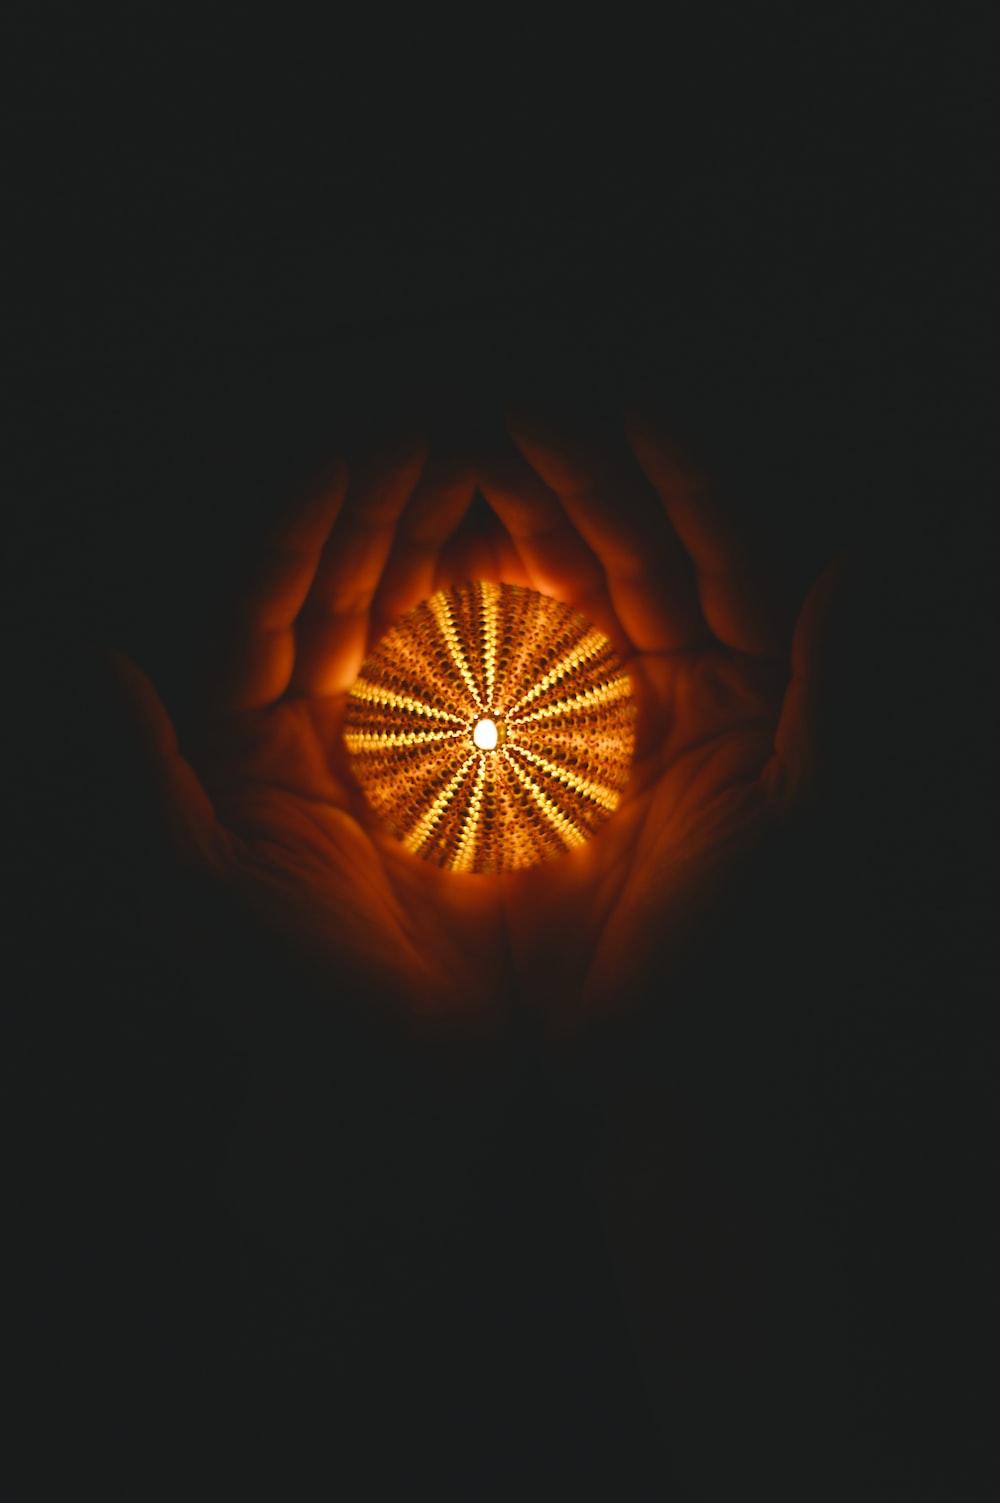 round yellow ball